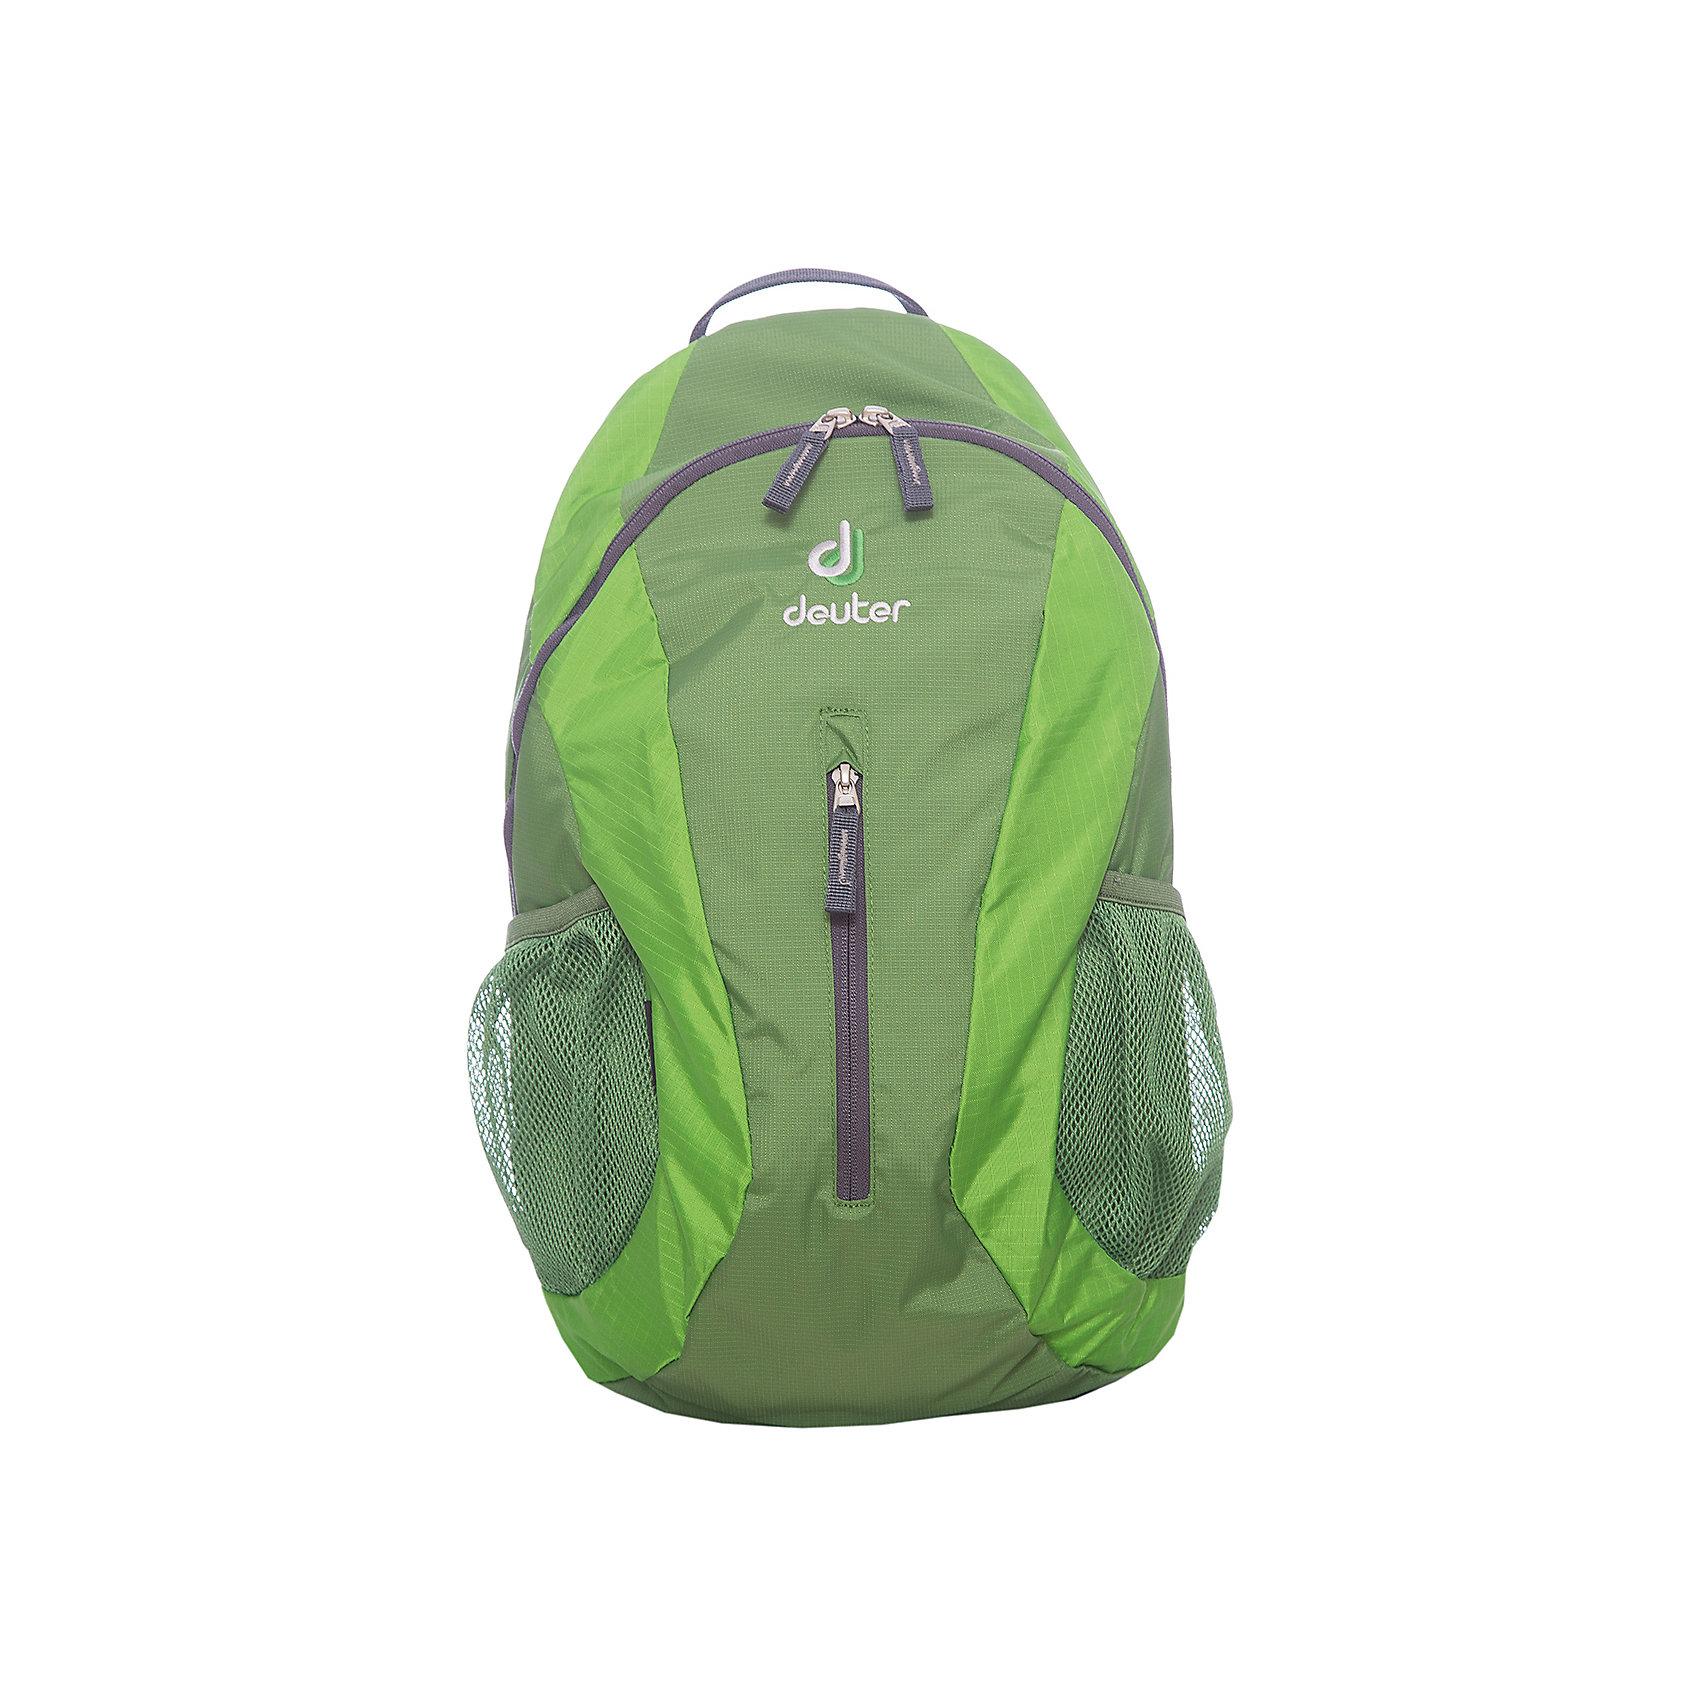 Рюкзак City light, зеленыйРюкзак City light, зеленый, Deuter (Дойтер)<br><br>Характеристики:<br><br>• система Airstripes <br>• мягкие анатомические лямки<br>• удобная U-образная молния<br>• карман для документов<br>• внешний карман на молнии<br>• боковые сетчатые карманы<br>• светоотражающие элементы<br>• материал: Super-Polytex<br>• объем: 16 литров<br>• вес: 440 грамм<br>• размер: 45х24х17 см<br>• цвет: зеленый<br><br>City Light от известного бренда Deuter - компактный и функциональный рюкзак. Он устойчив к влаге и истиранию, а также легко чистится. Основное отделение застегивается на U-образную молнию, что обеспечивает быстрый доступ к нему. Кроме того, основное отделение оснащено карманом для документов. Внешнее отделение застегивается на молнию. Мягкие анатомические лямки правильно распределят нагрузку на спину, а система Airstripes позволит спине дышать. Ко всему прочему, рюкзак оснащен боковыми сетчатыми карманами и светоотражающими элементами. Качество и удобство - всё это сочетается в рюкзаке City Light.<br><br>Рюкзак City light, зеленый, Deuter (Дойтер) можно купить в нашем интернет-магазине.<br><br>Ширина мм: 170<br>Глубина мм: 240<br>Высота мм: 450<br>Вес г: 440<br>Возраст от месяцев: 72<br>Возраст до месяцев: 144<br>Пол: Унисекс<br>Возраст: Детский<br>SKU: 4782536